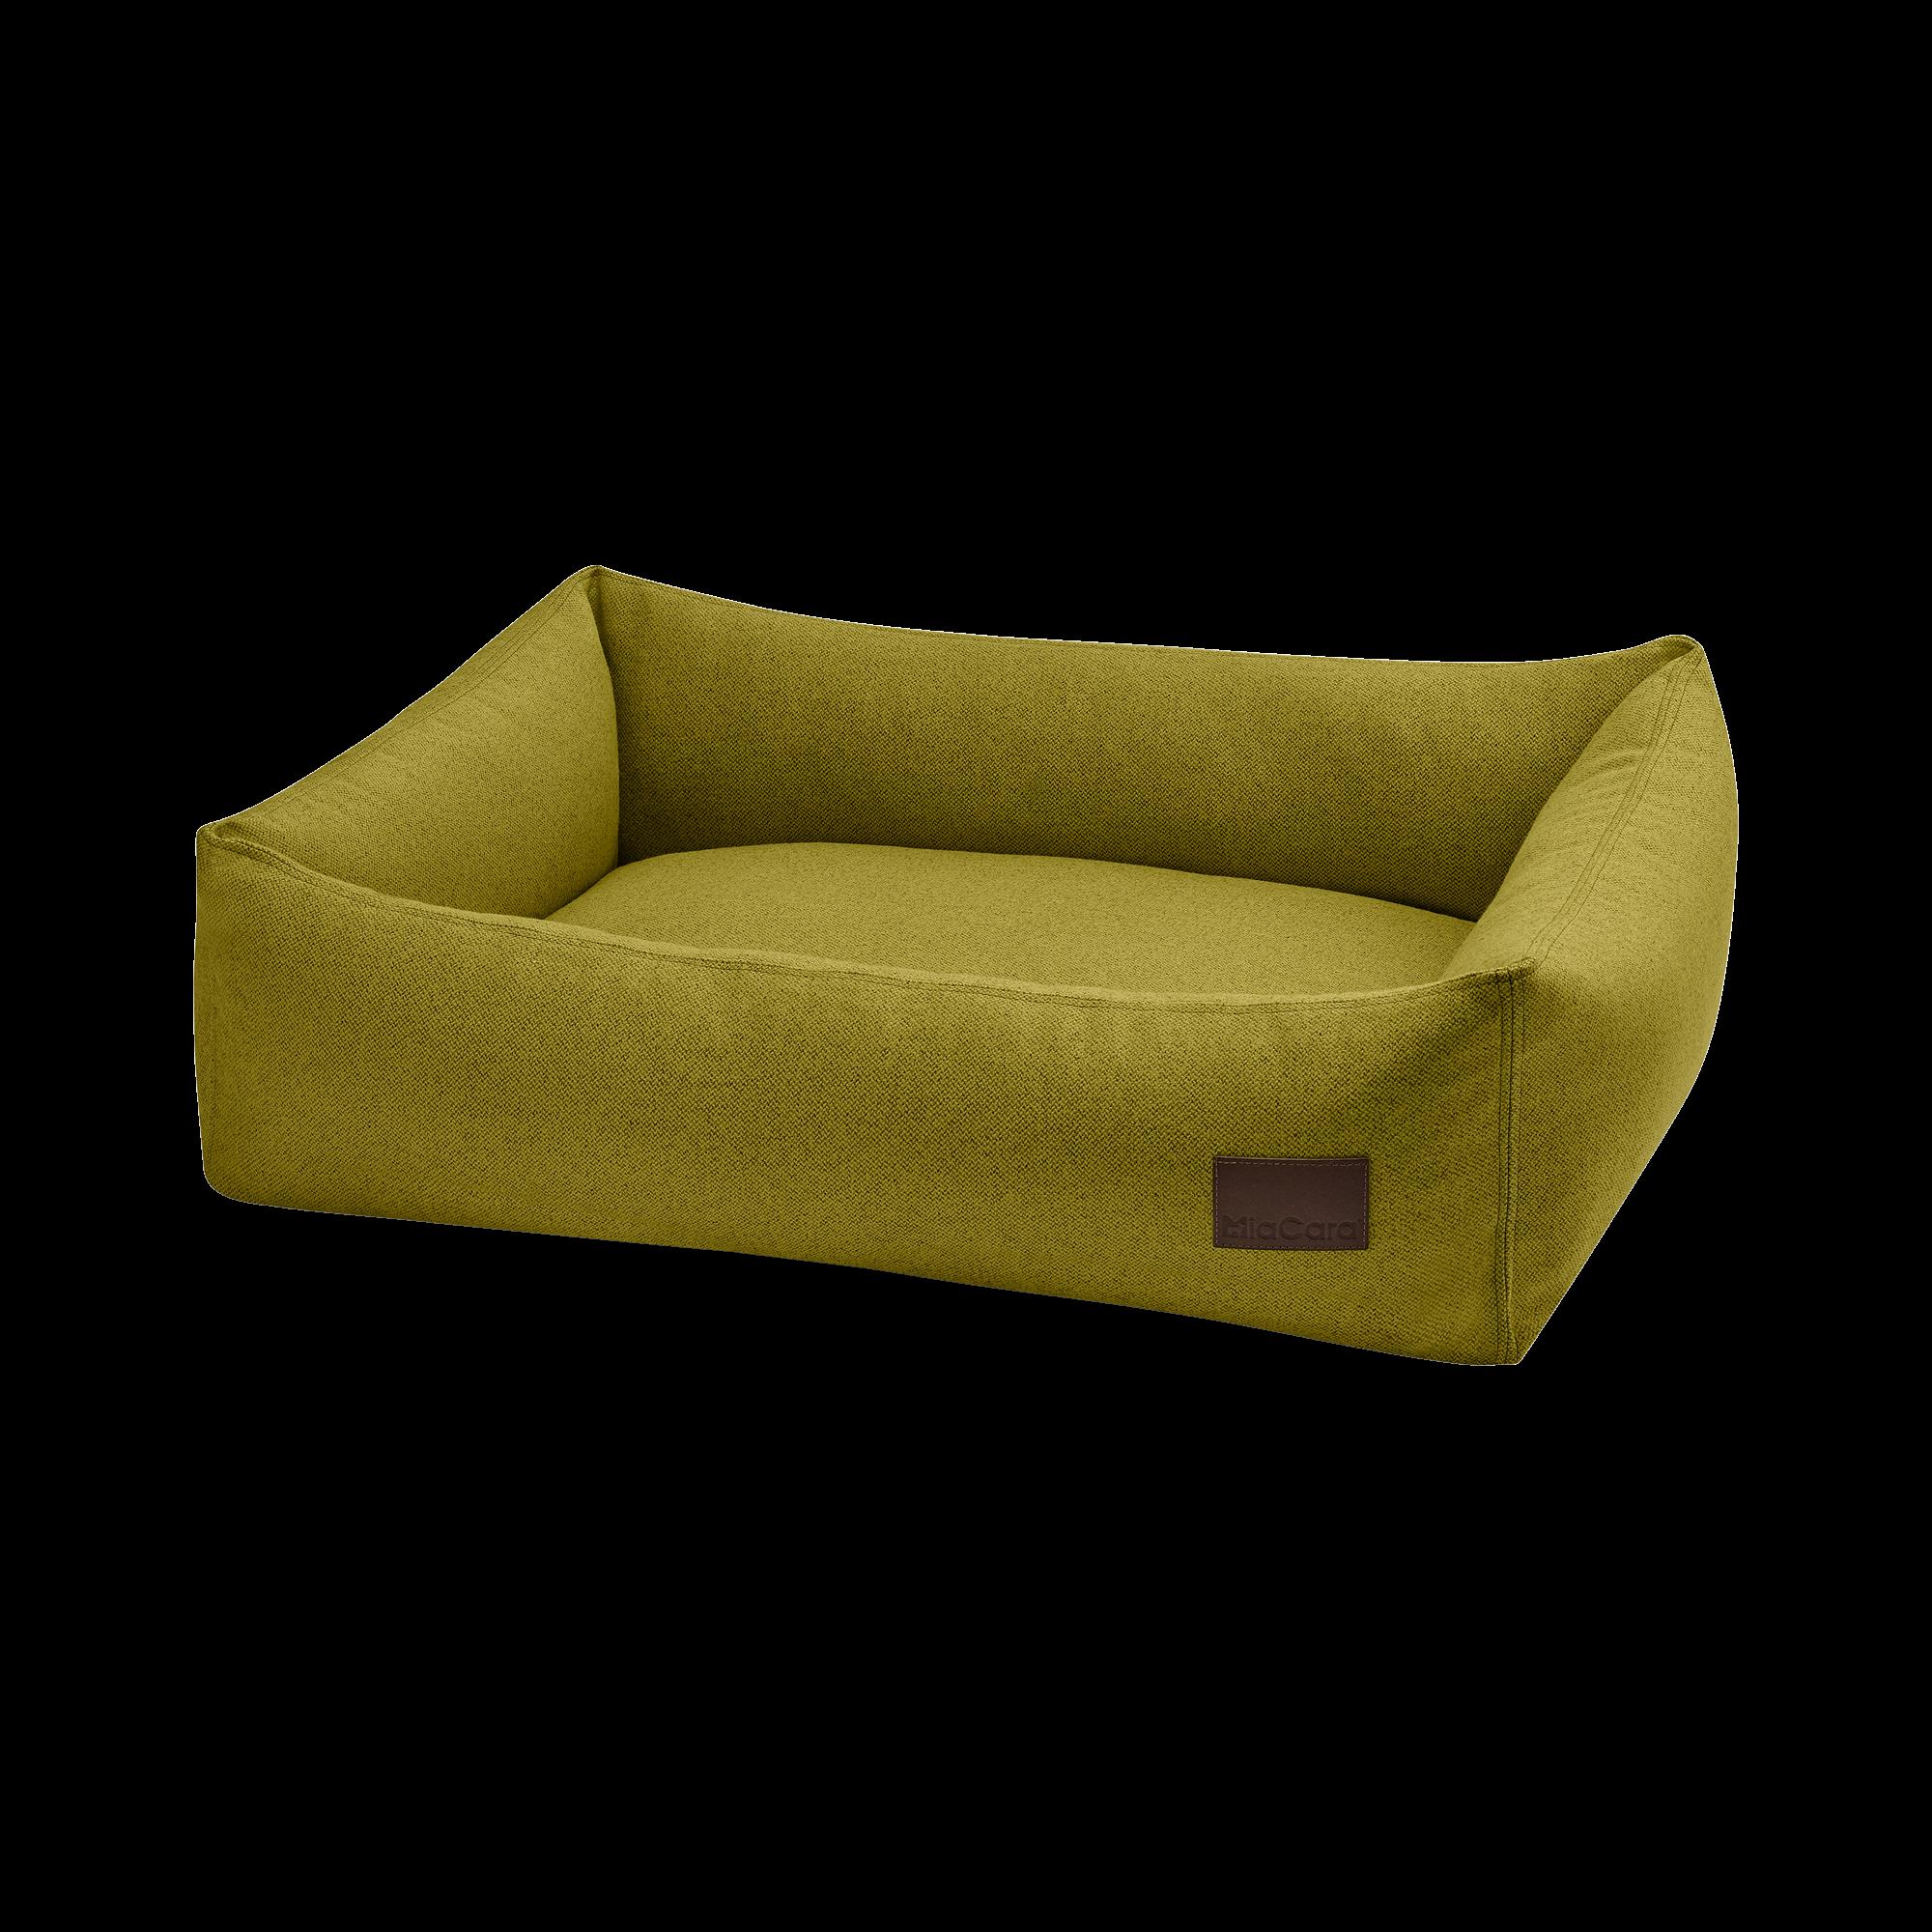 divo-box-dog-bed-mustard-1